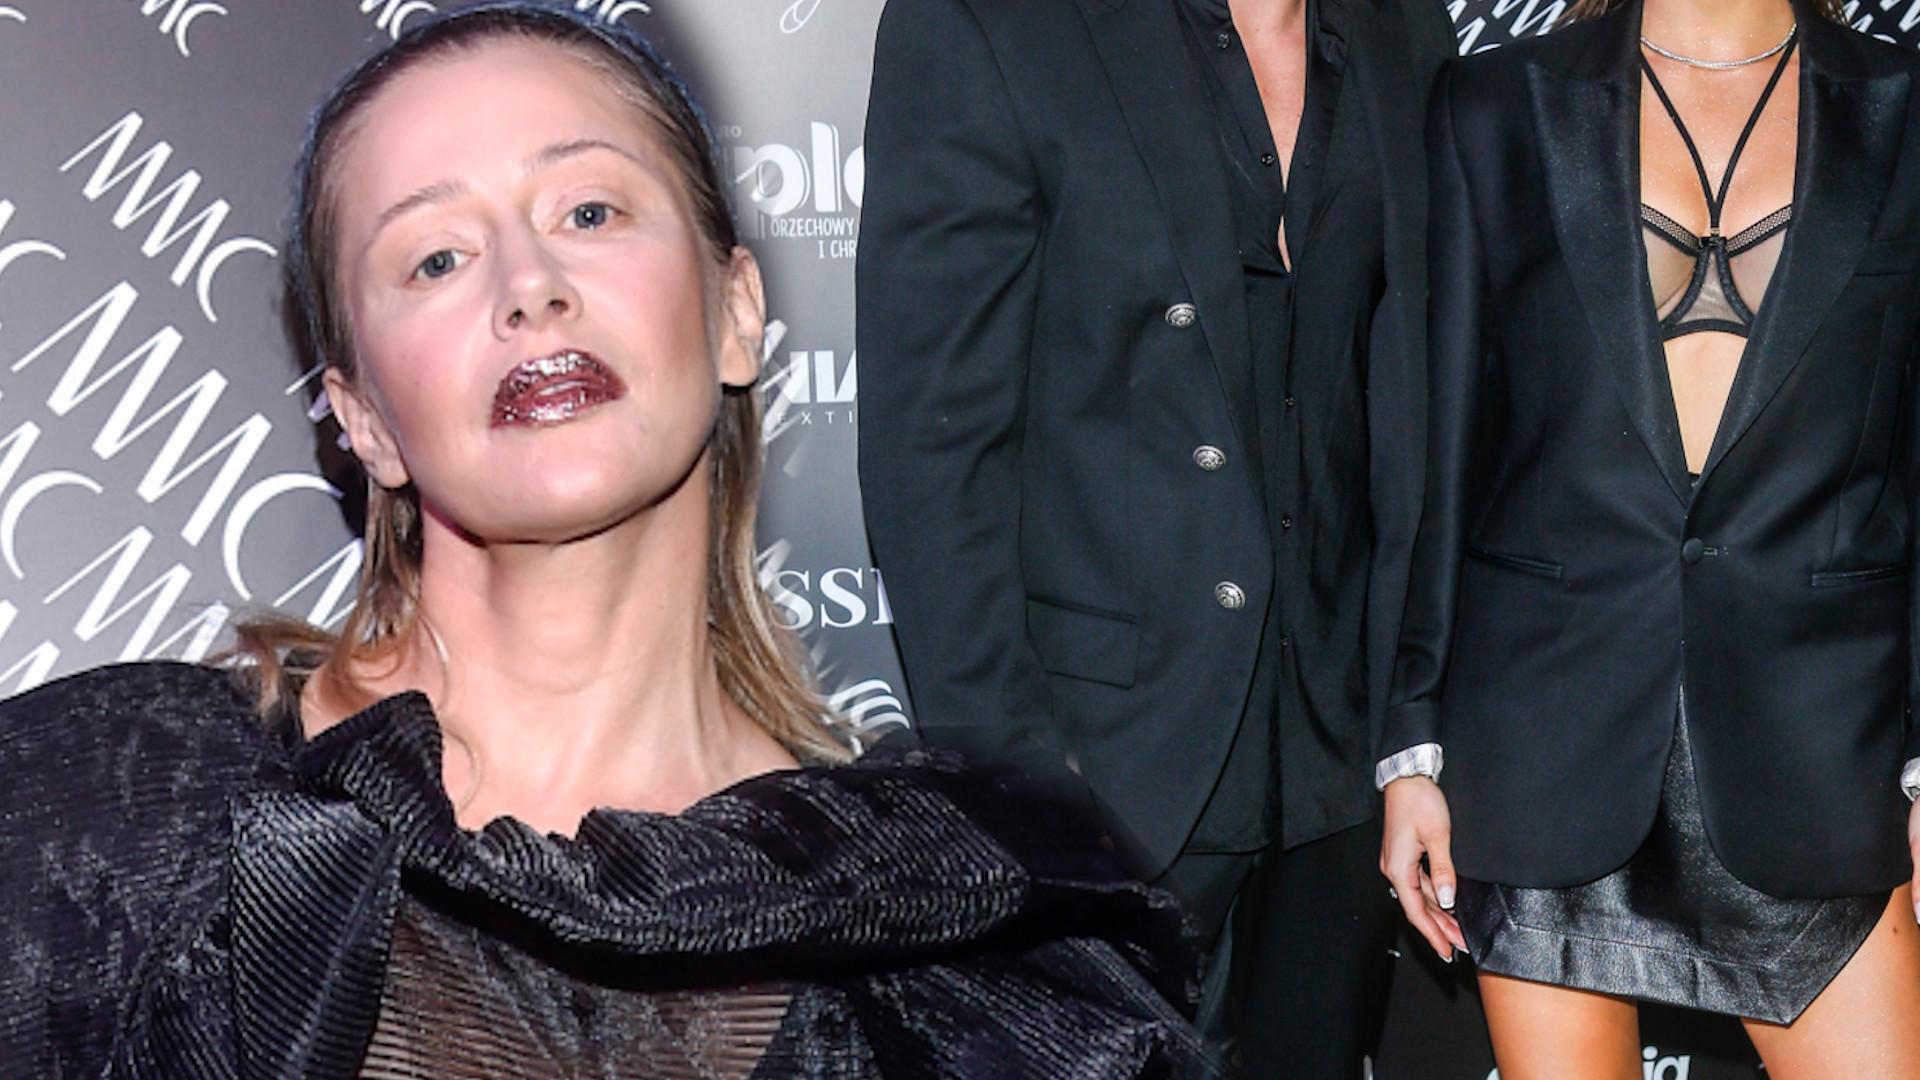 Pokaz mody MMC! Karolina Pisarek z narzeczonym, Lara Gessler i Katarzyna Warnke jako modelki